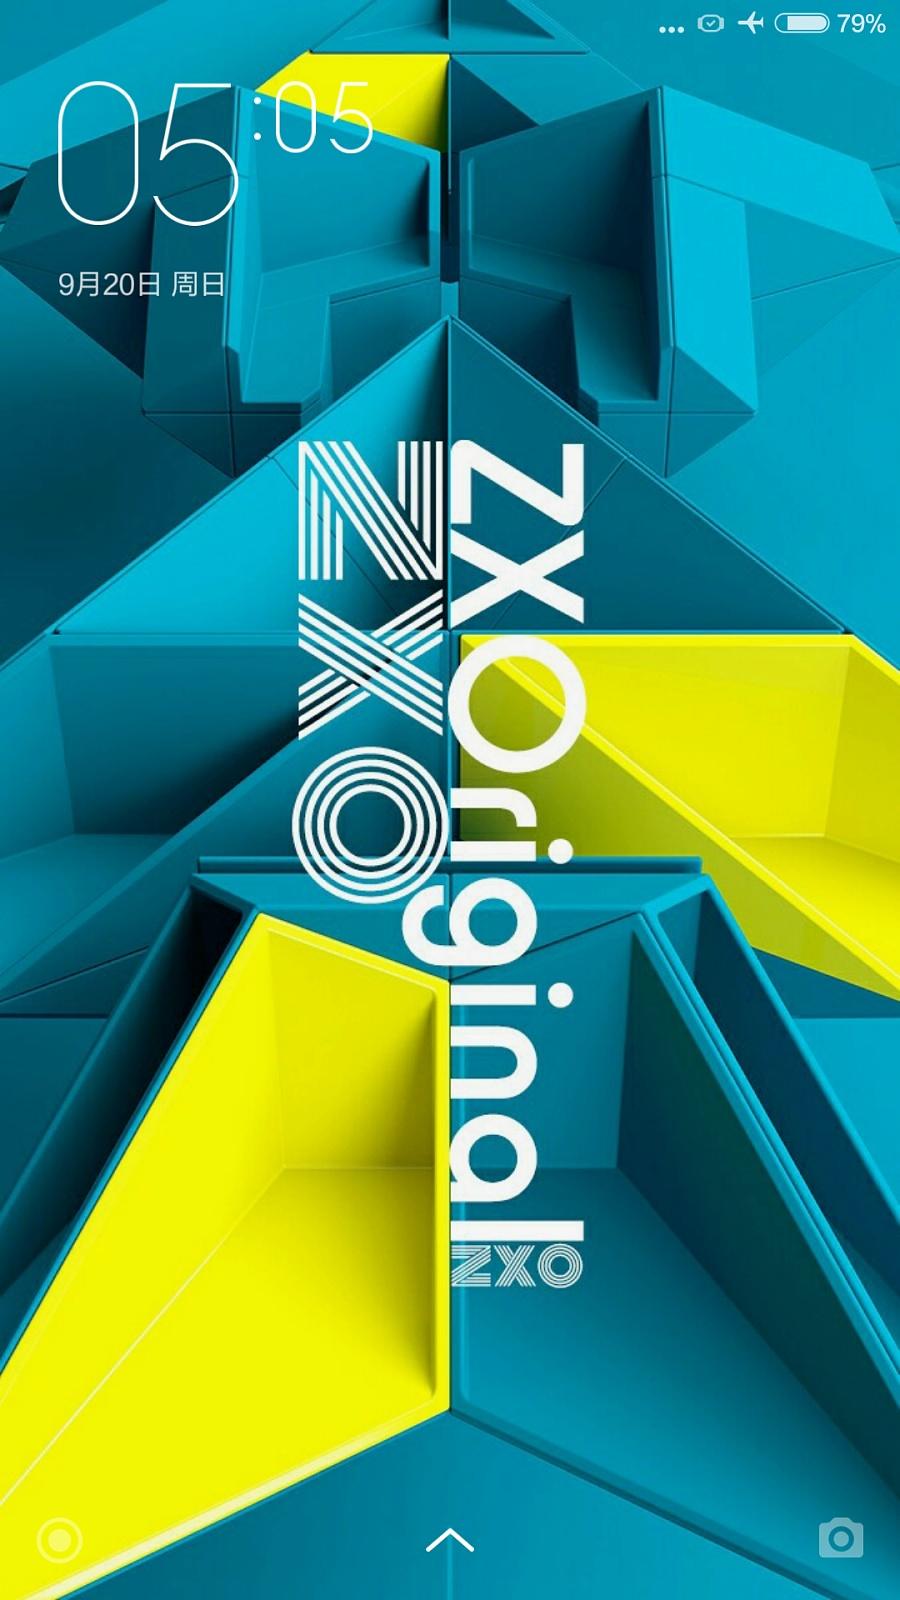 小米note|海报|平面|zxoriginal - 原创设计作品